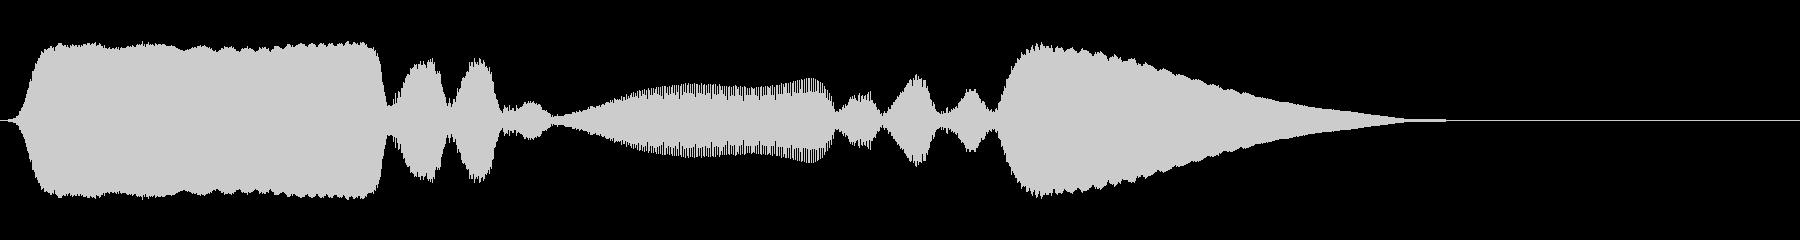 ハーモニカ:クイックダウンアンドア...の未再生の波形